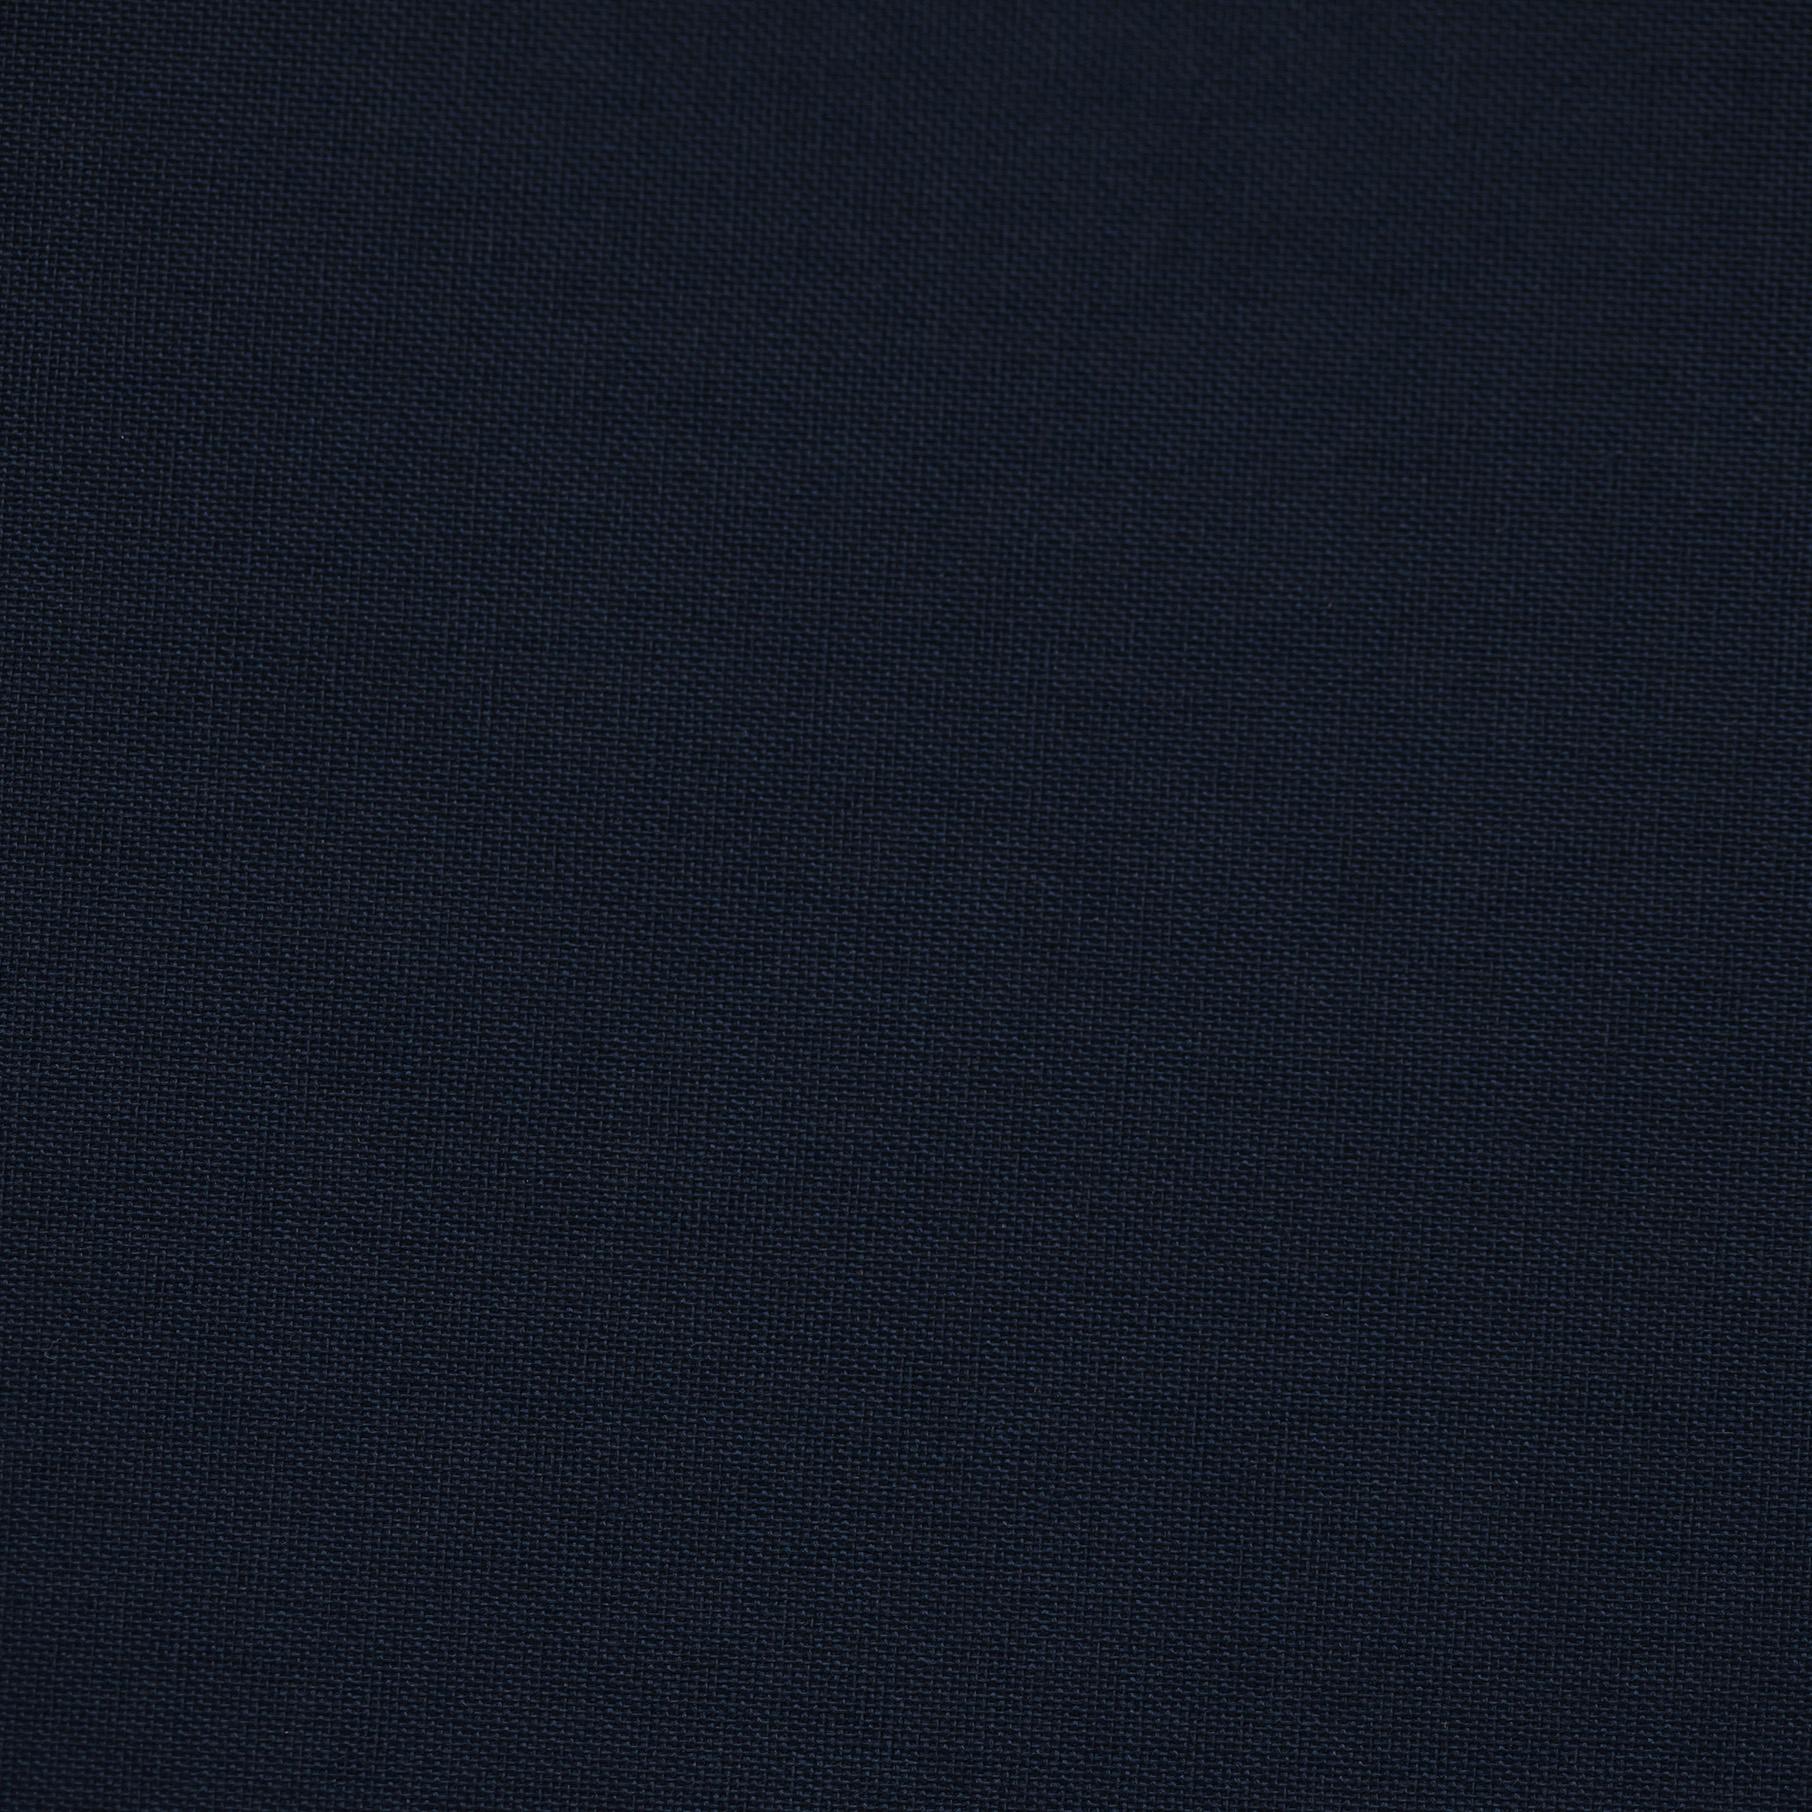 Linen_Midnight.jpg